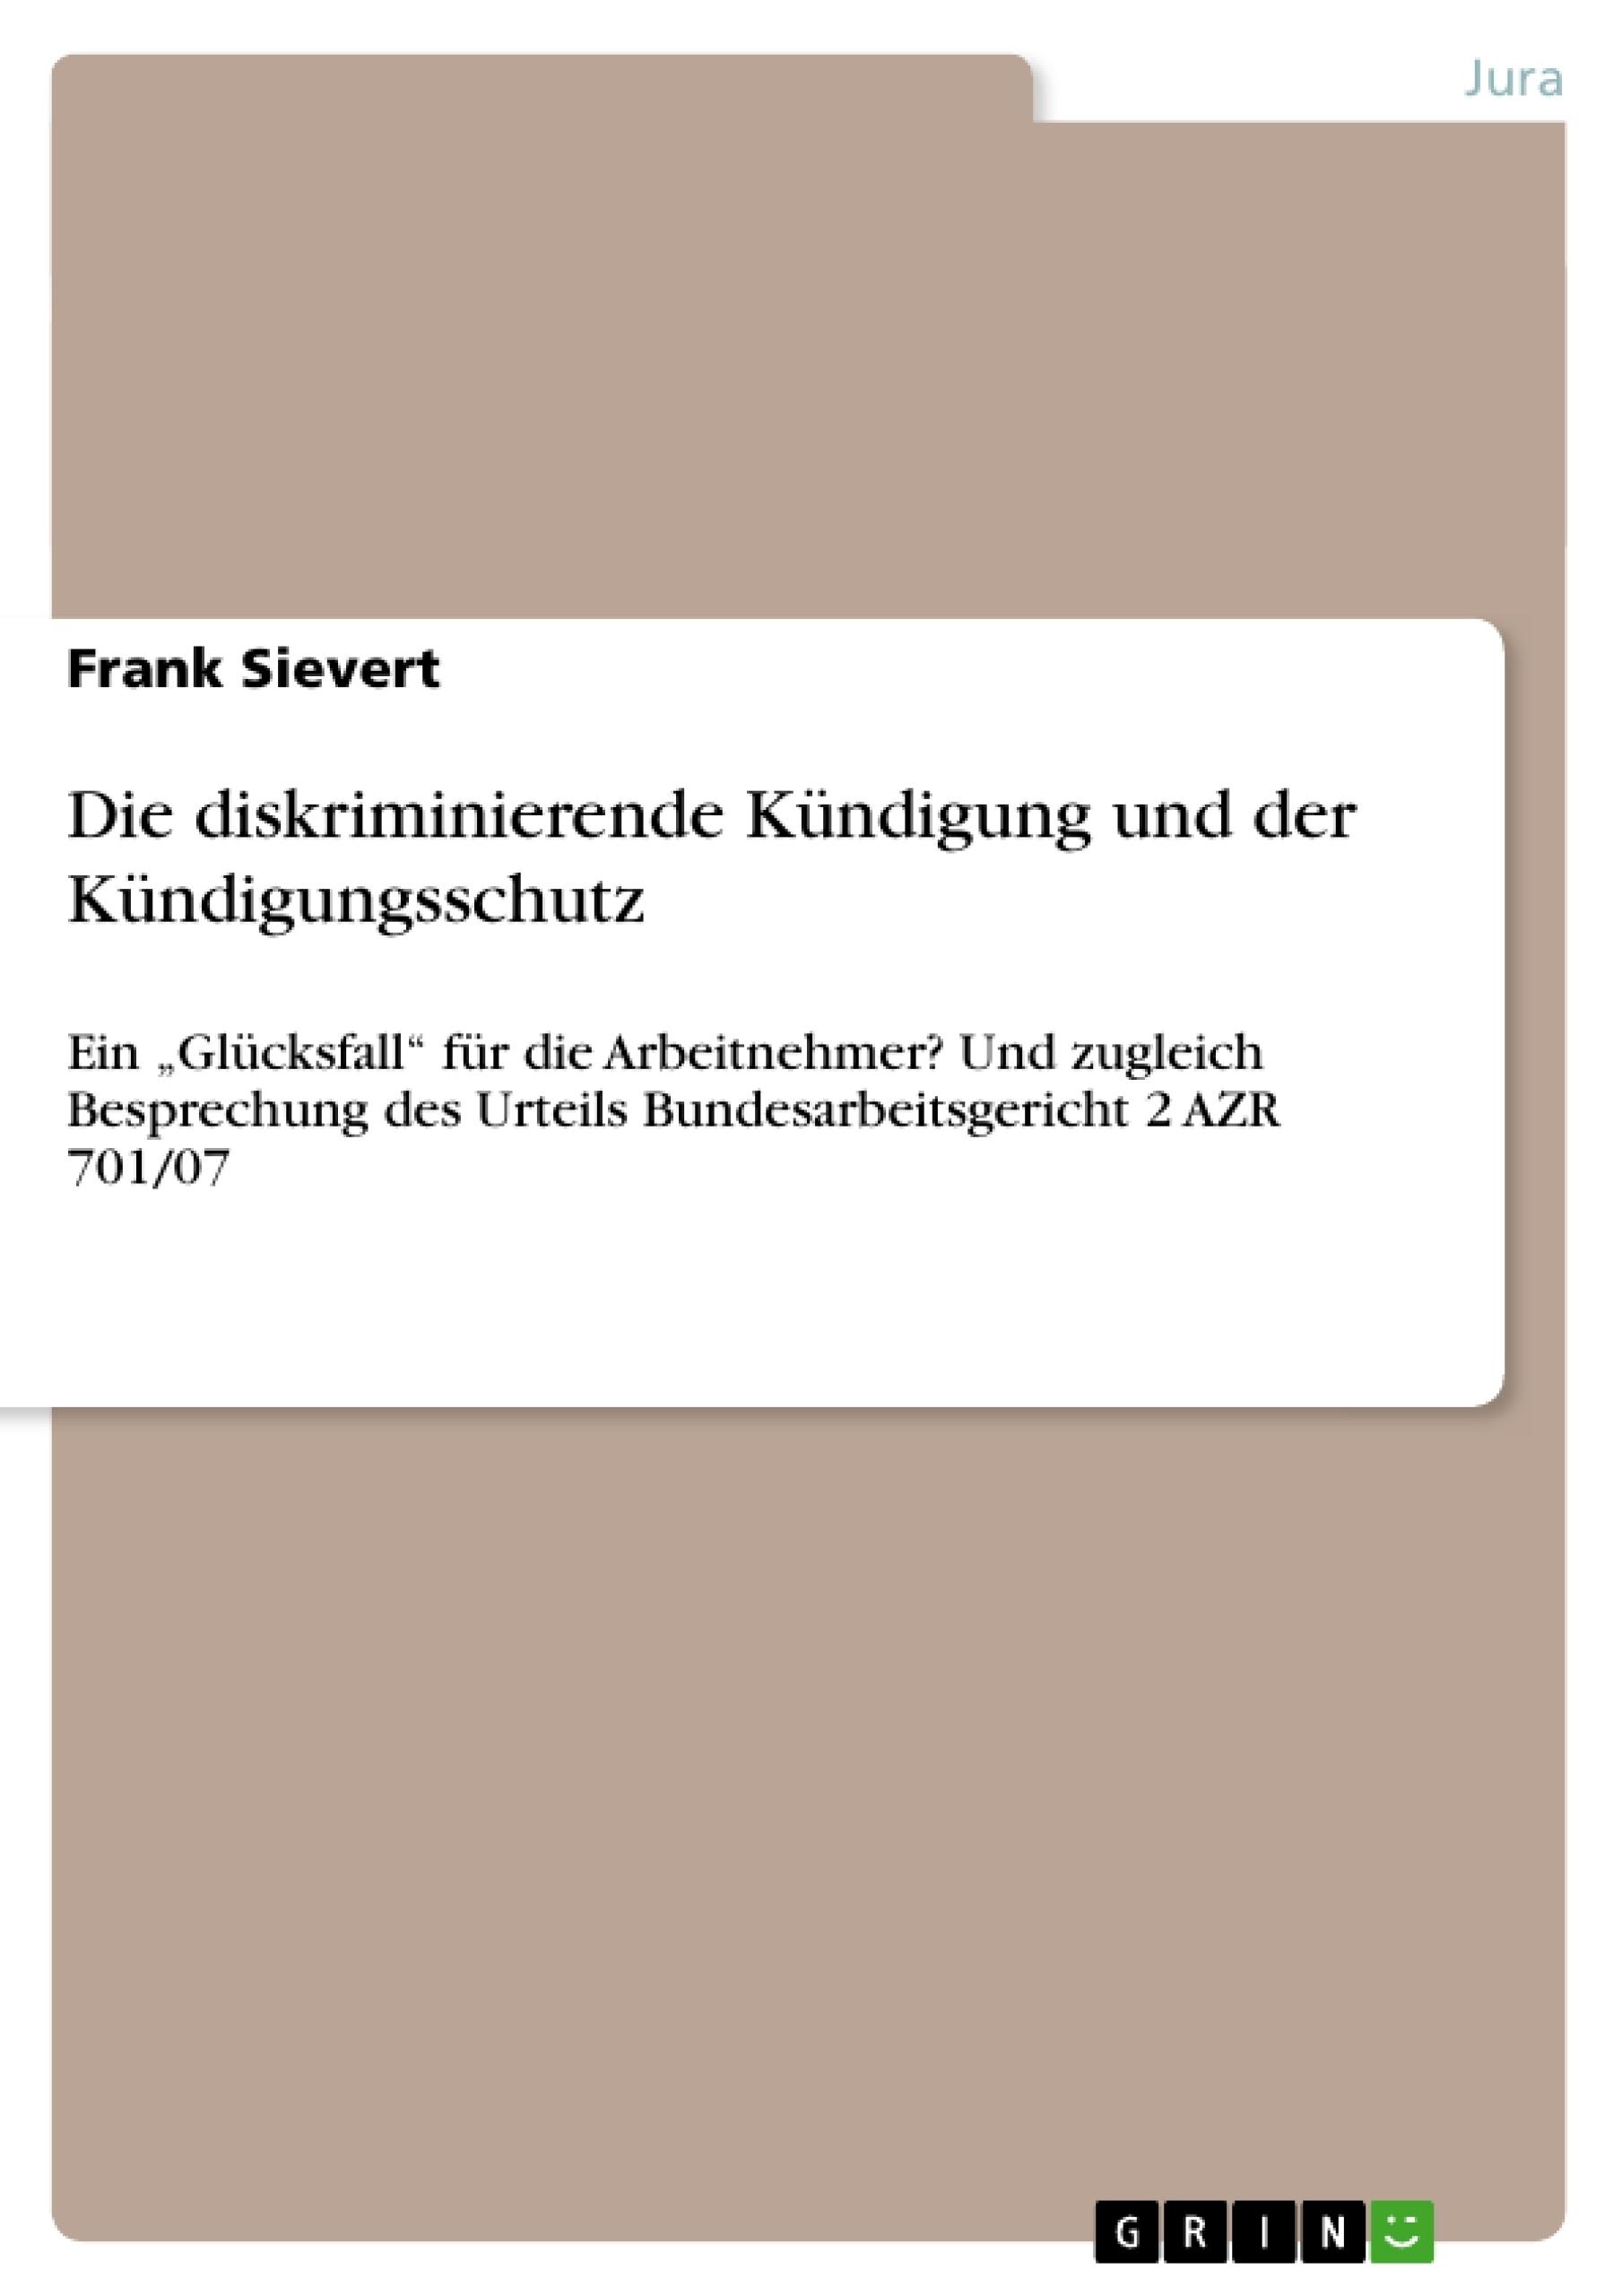 Titel: Die diskriminierende Kündigung und der Kündigungsschutz